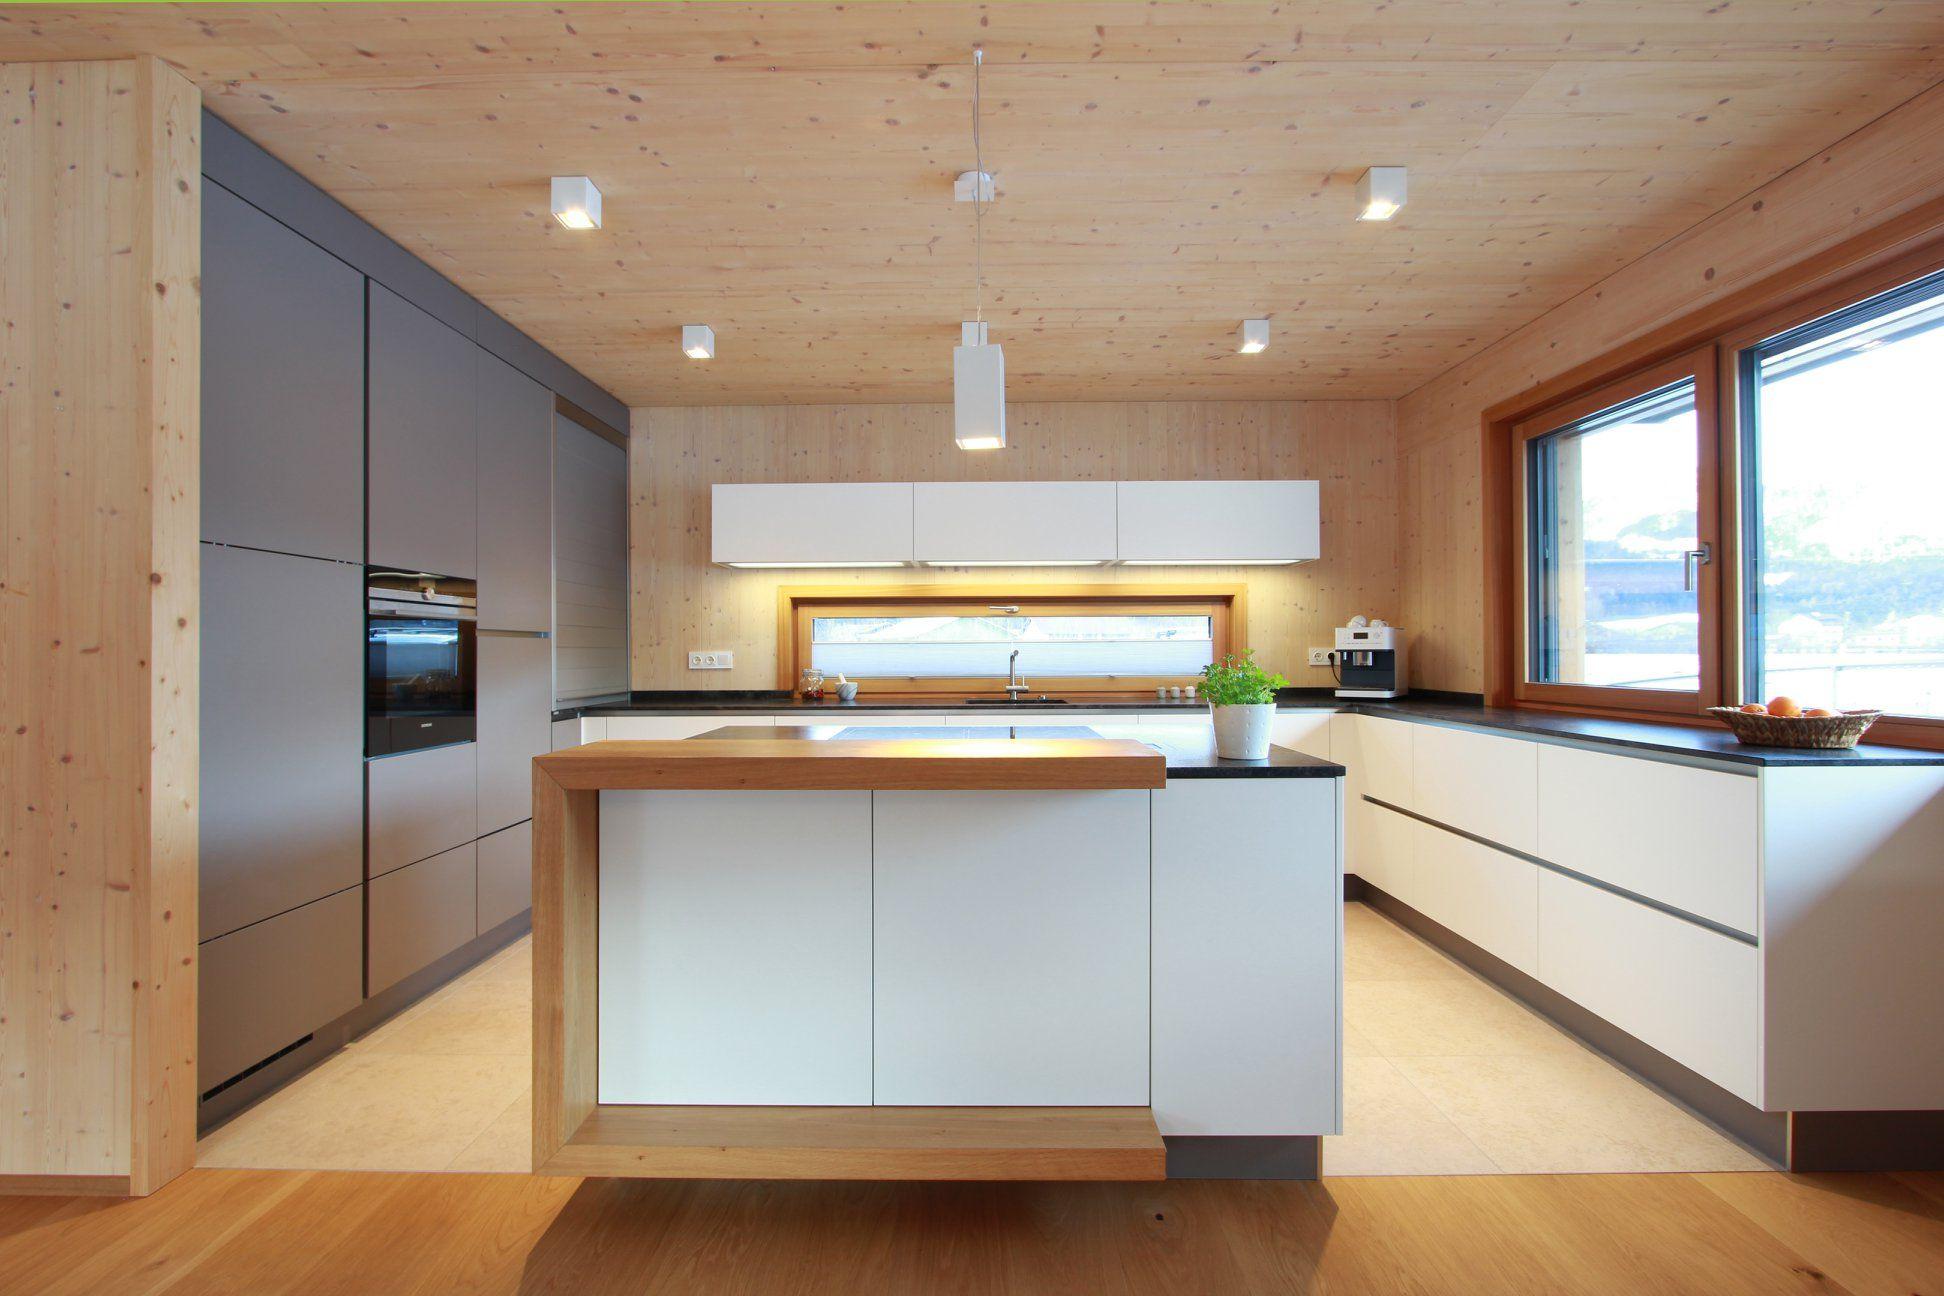 Große Wohnküche In Grau Und Weiß Kombiniert In Einem